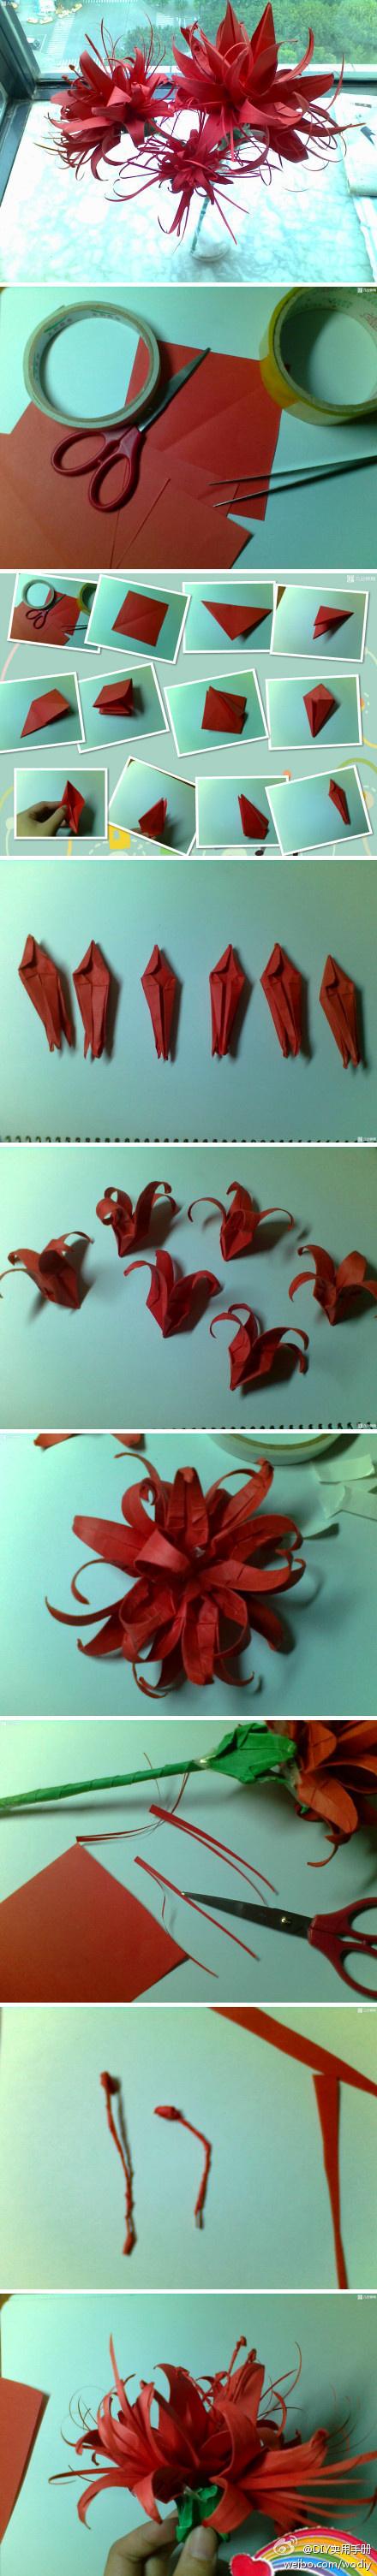 Cool flower crafts paper crafts for teens paper cool flower crafts paper crafts for teens paper craft flowerwrap gift decorblumenbastelnbastelvorlagetutorial diy mightylinksfo